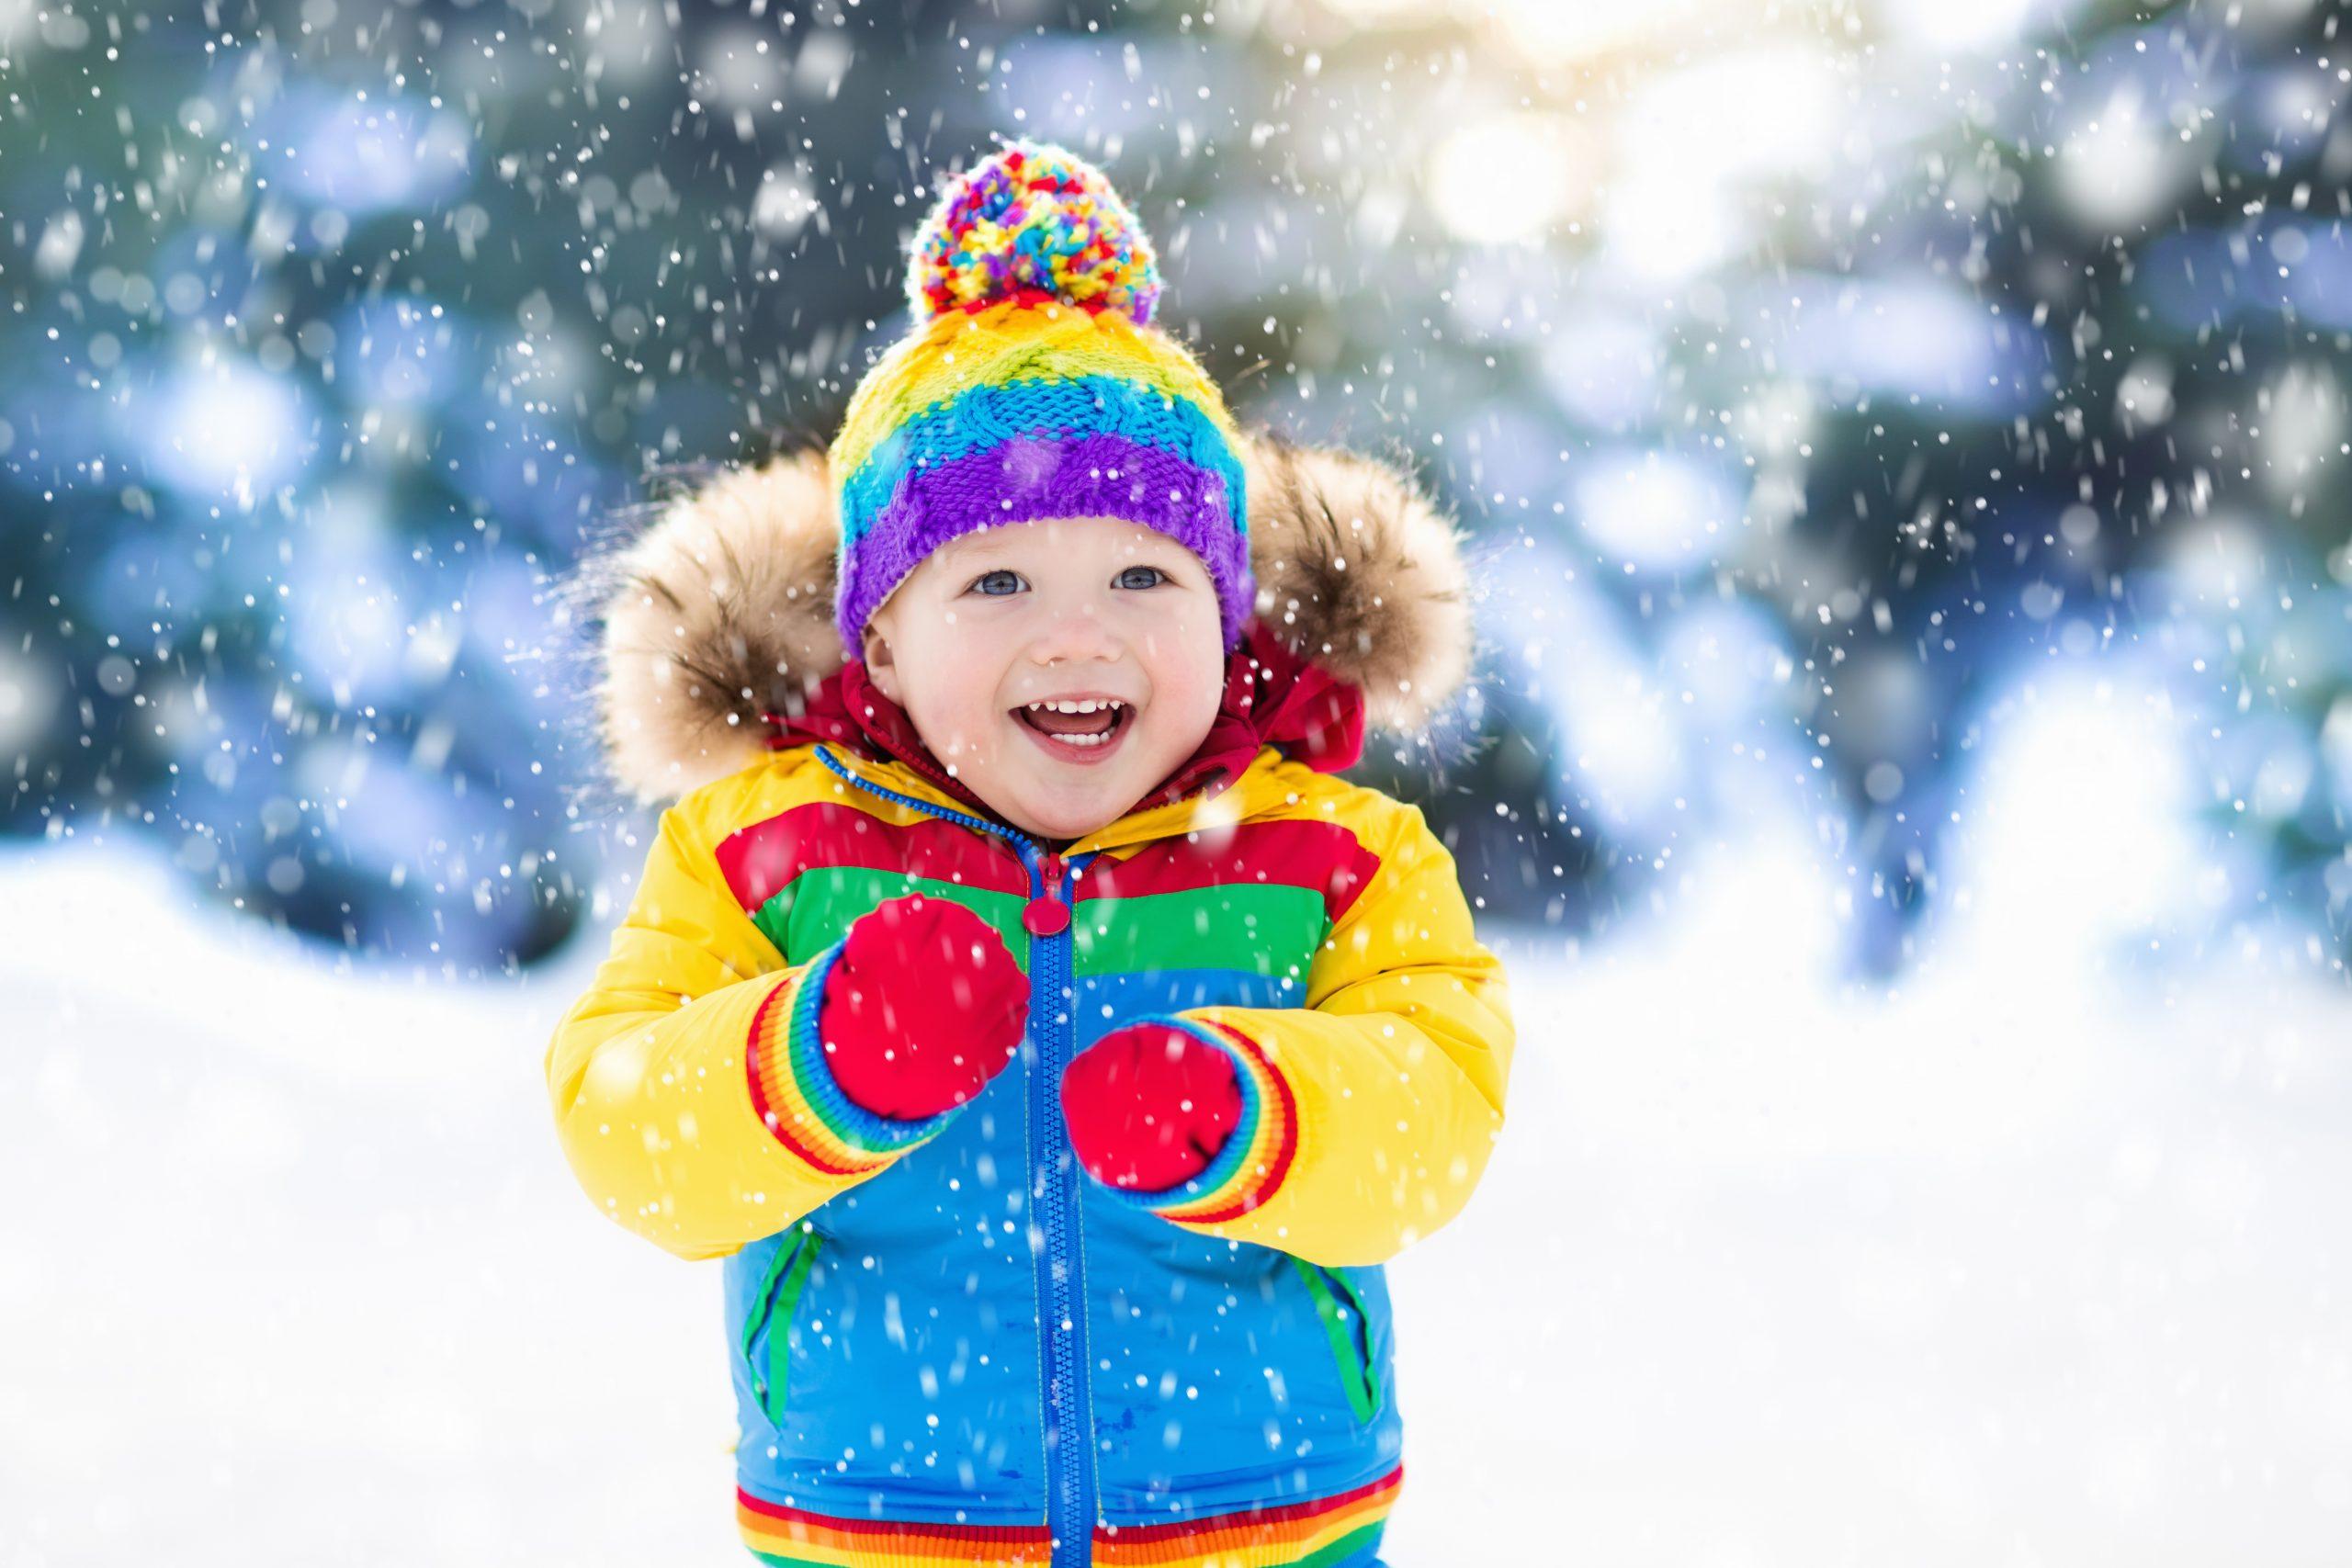 Child in winter coat